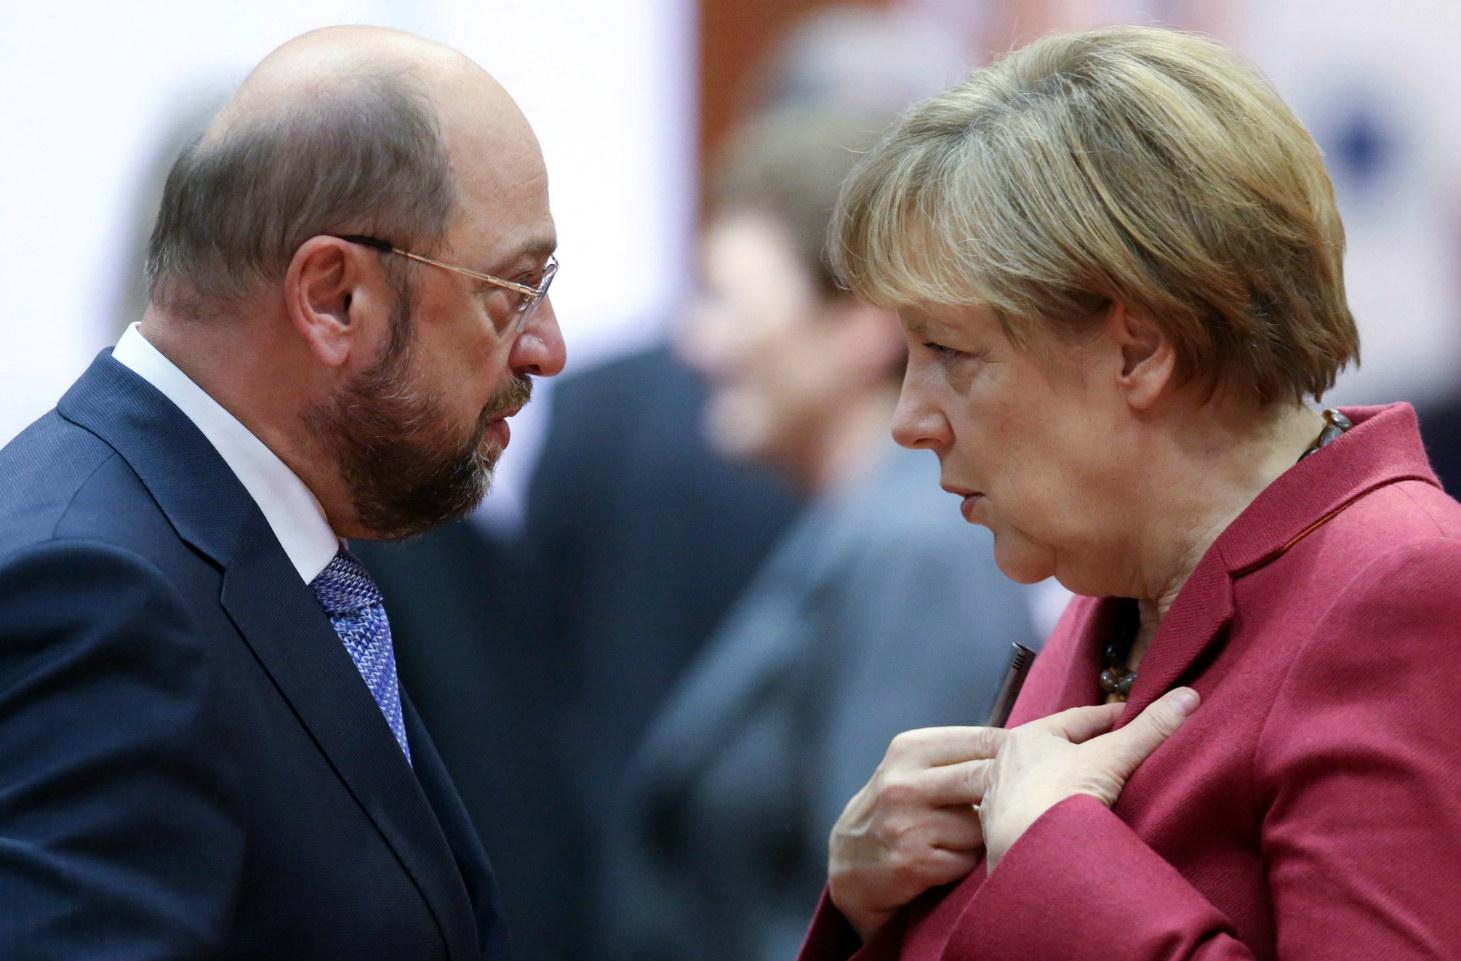 خودرو و محیط زیست؛ محور جنجالی رقابت مرکل و رقیبش در انتخابات آلمان/ مرکل:هنوز به دیزلی ها نیازداریم